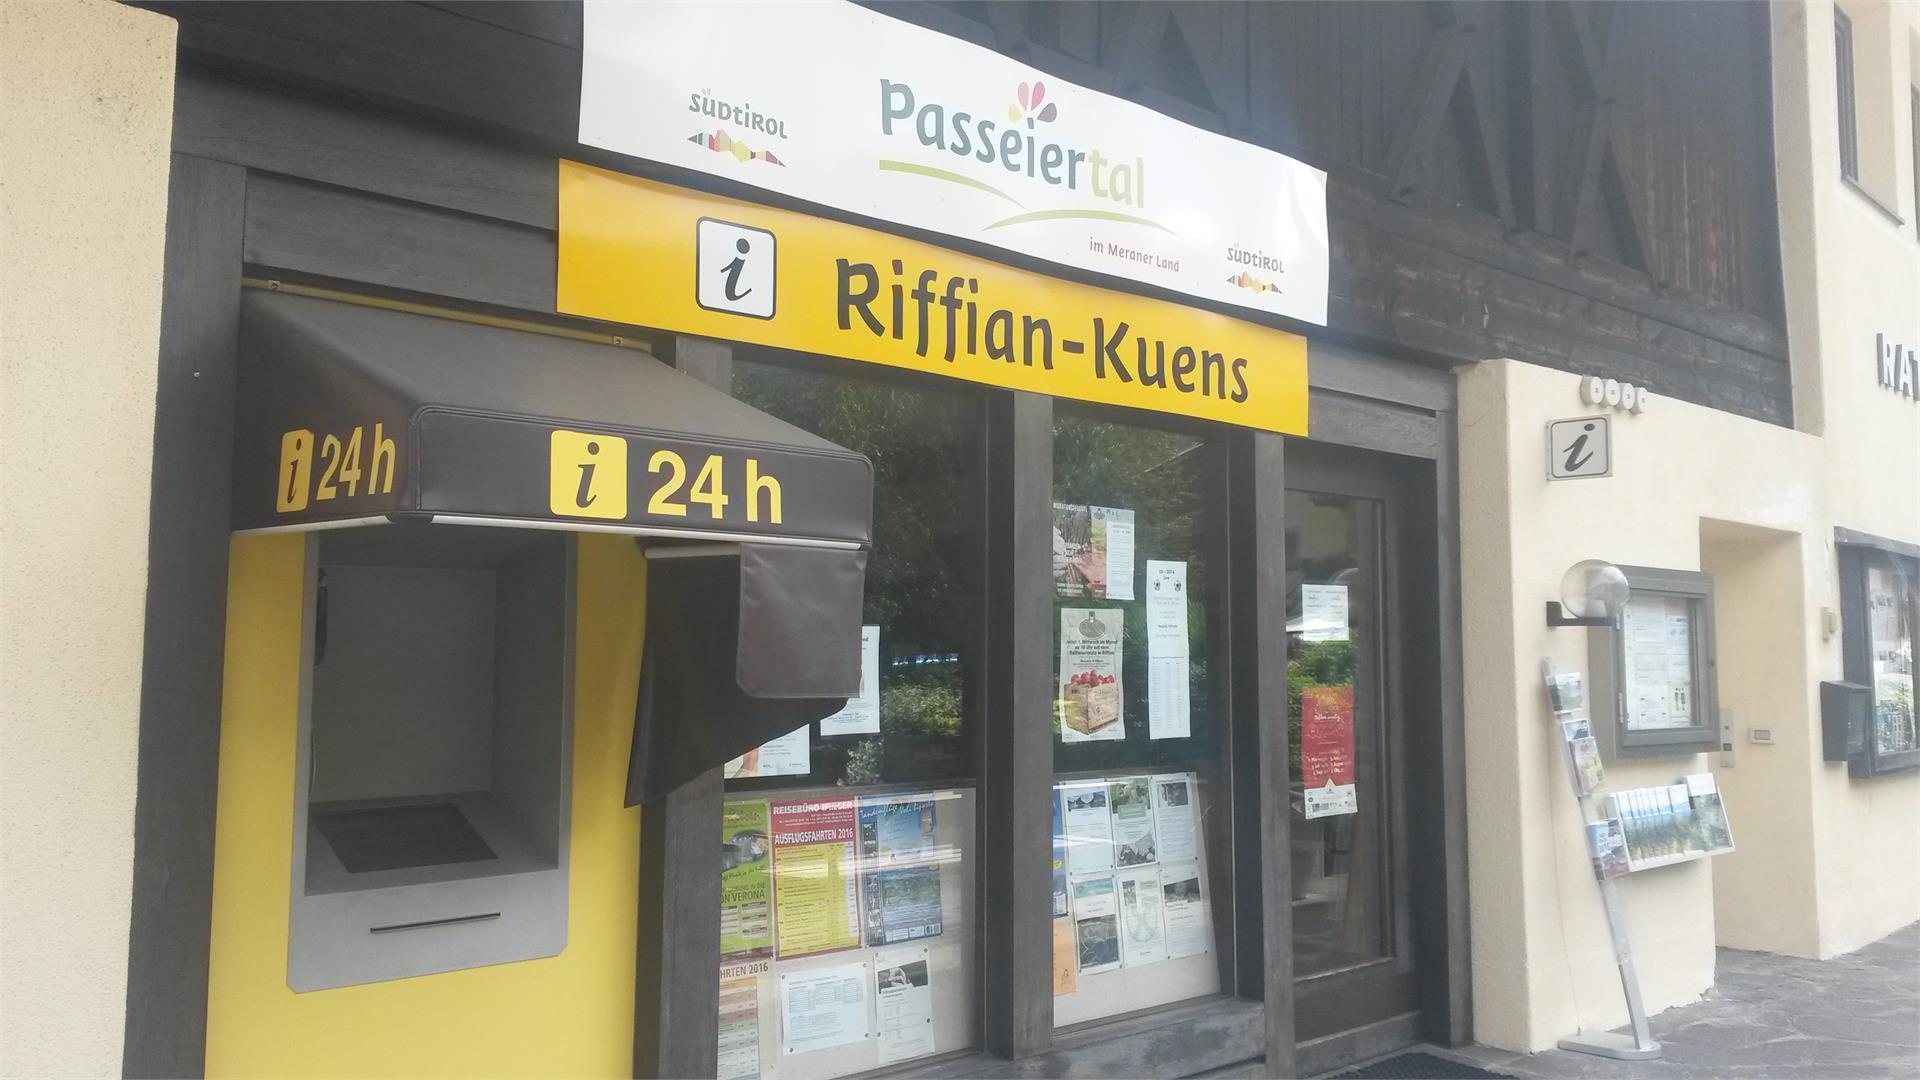 Infobüro Riffian-Kuens